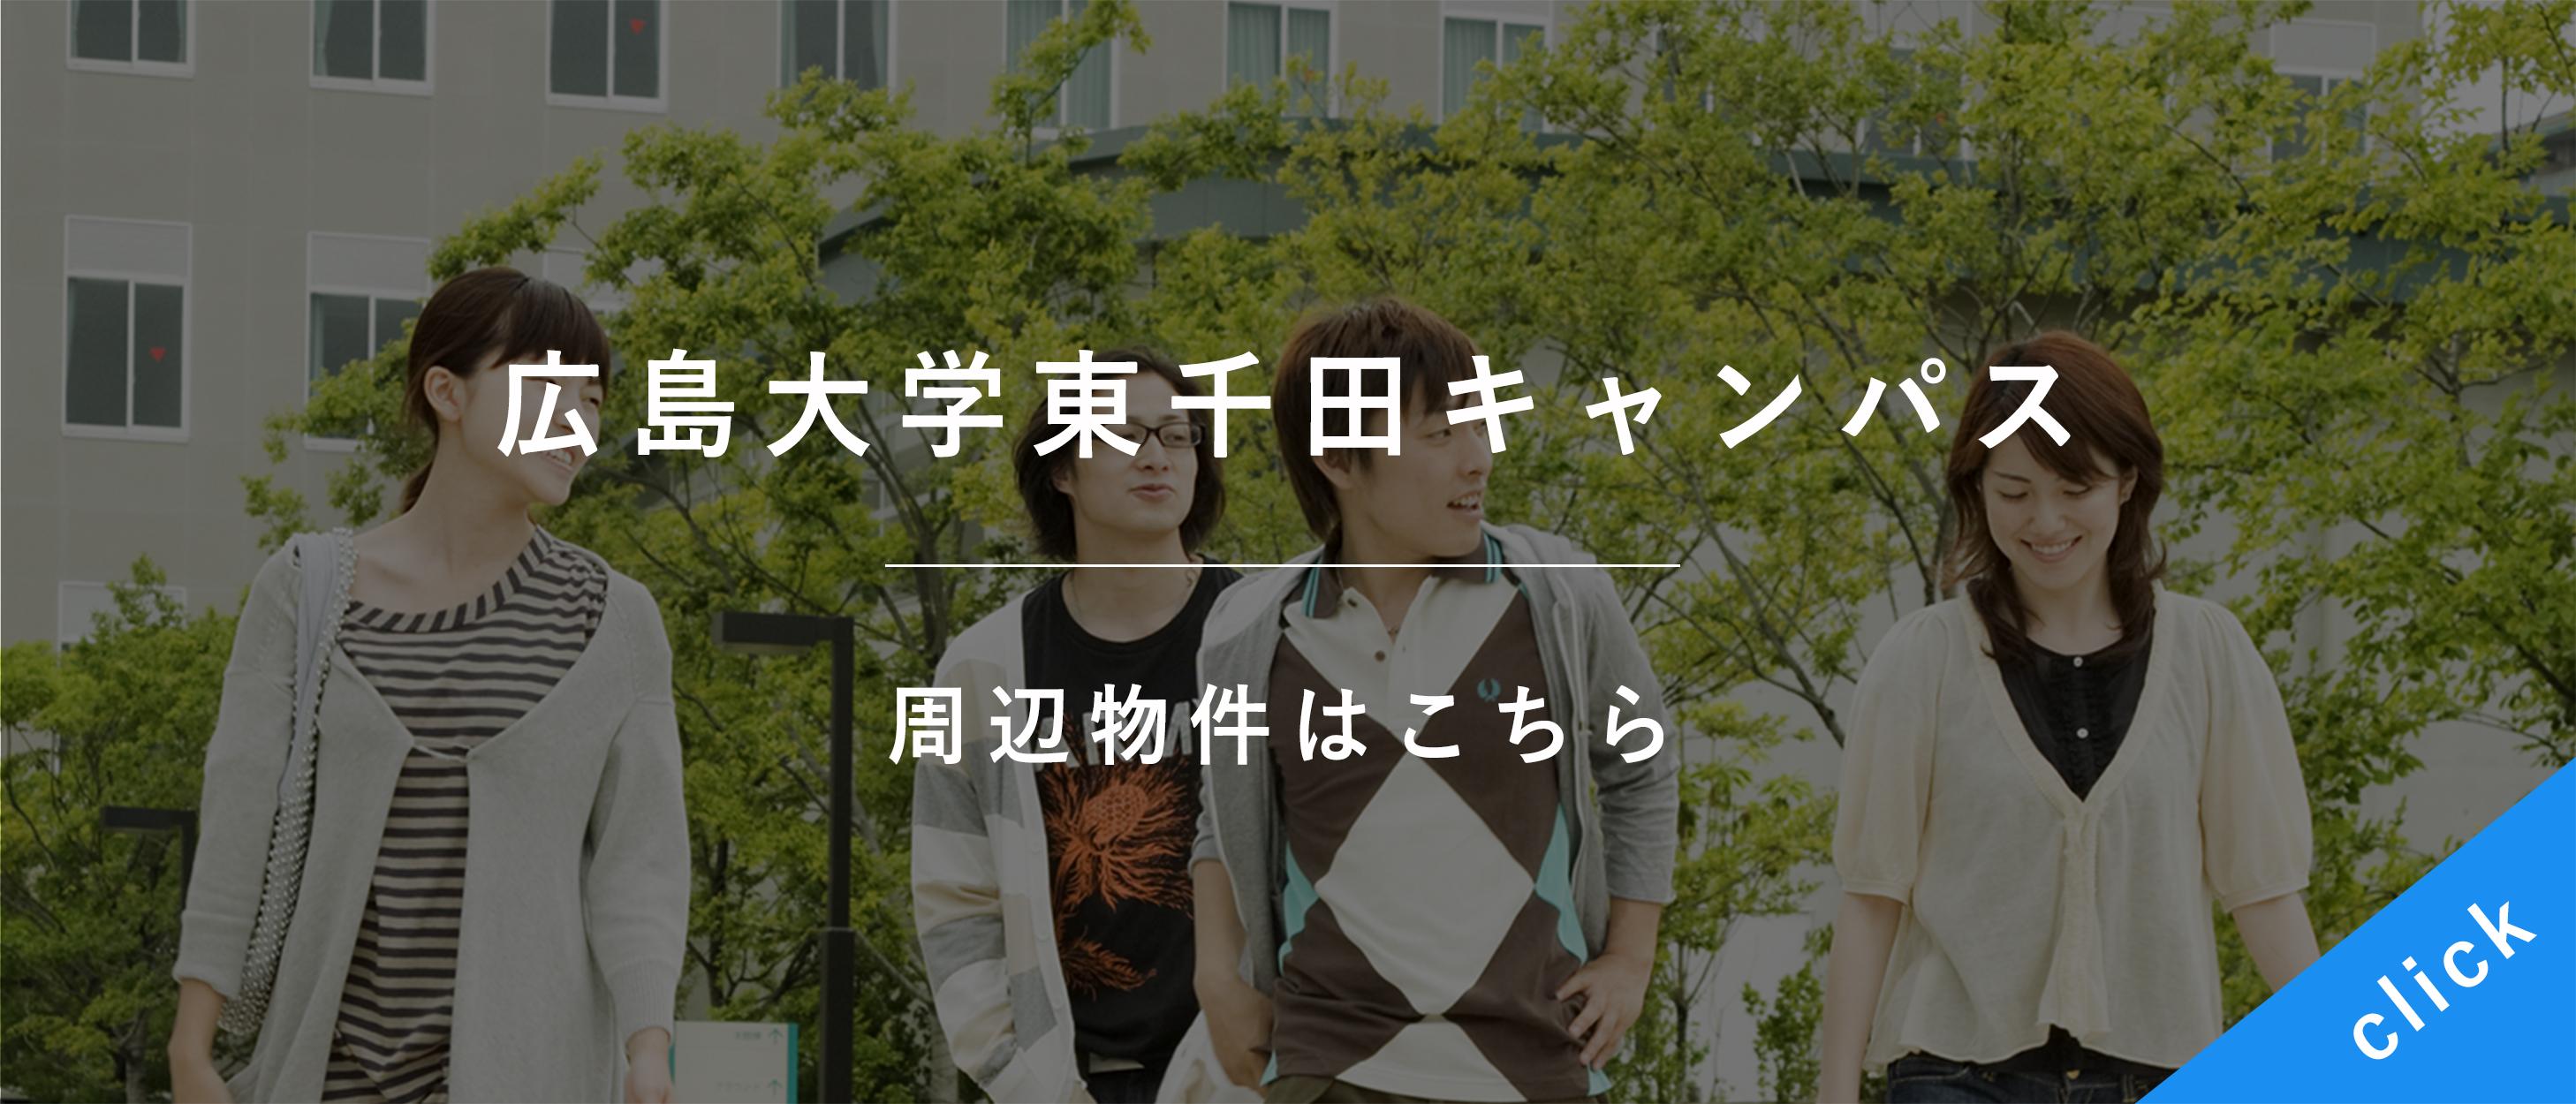 広島大学東千田キャンパスの周辺物件はこちら